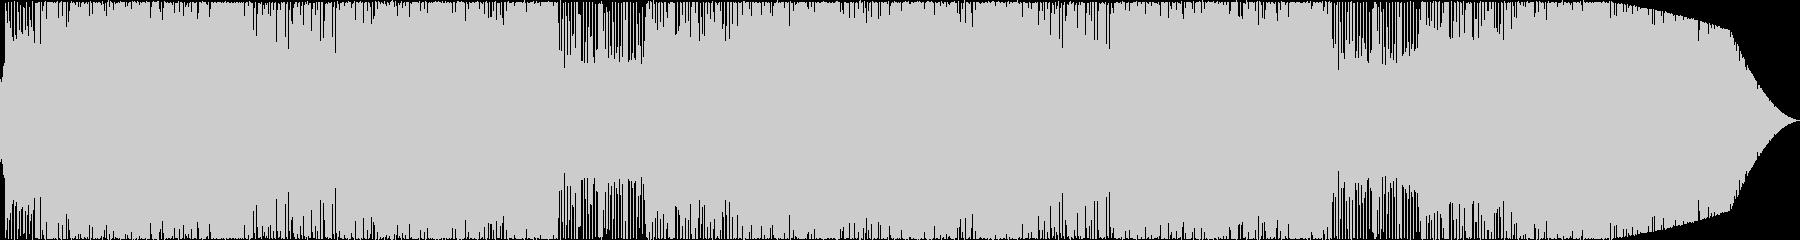 神秘的なJRPGをイメージした通常戦闘曲の未再生の波形